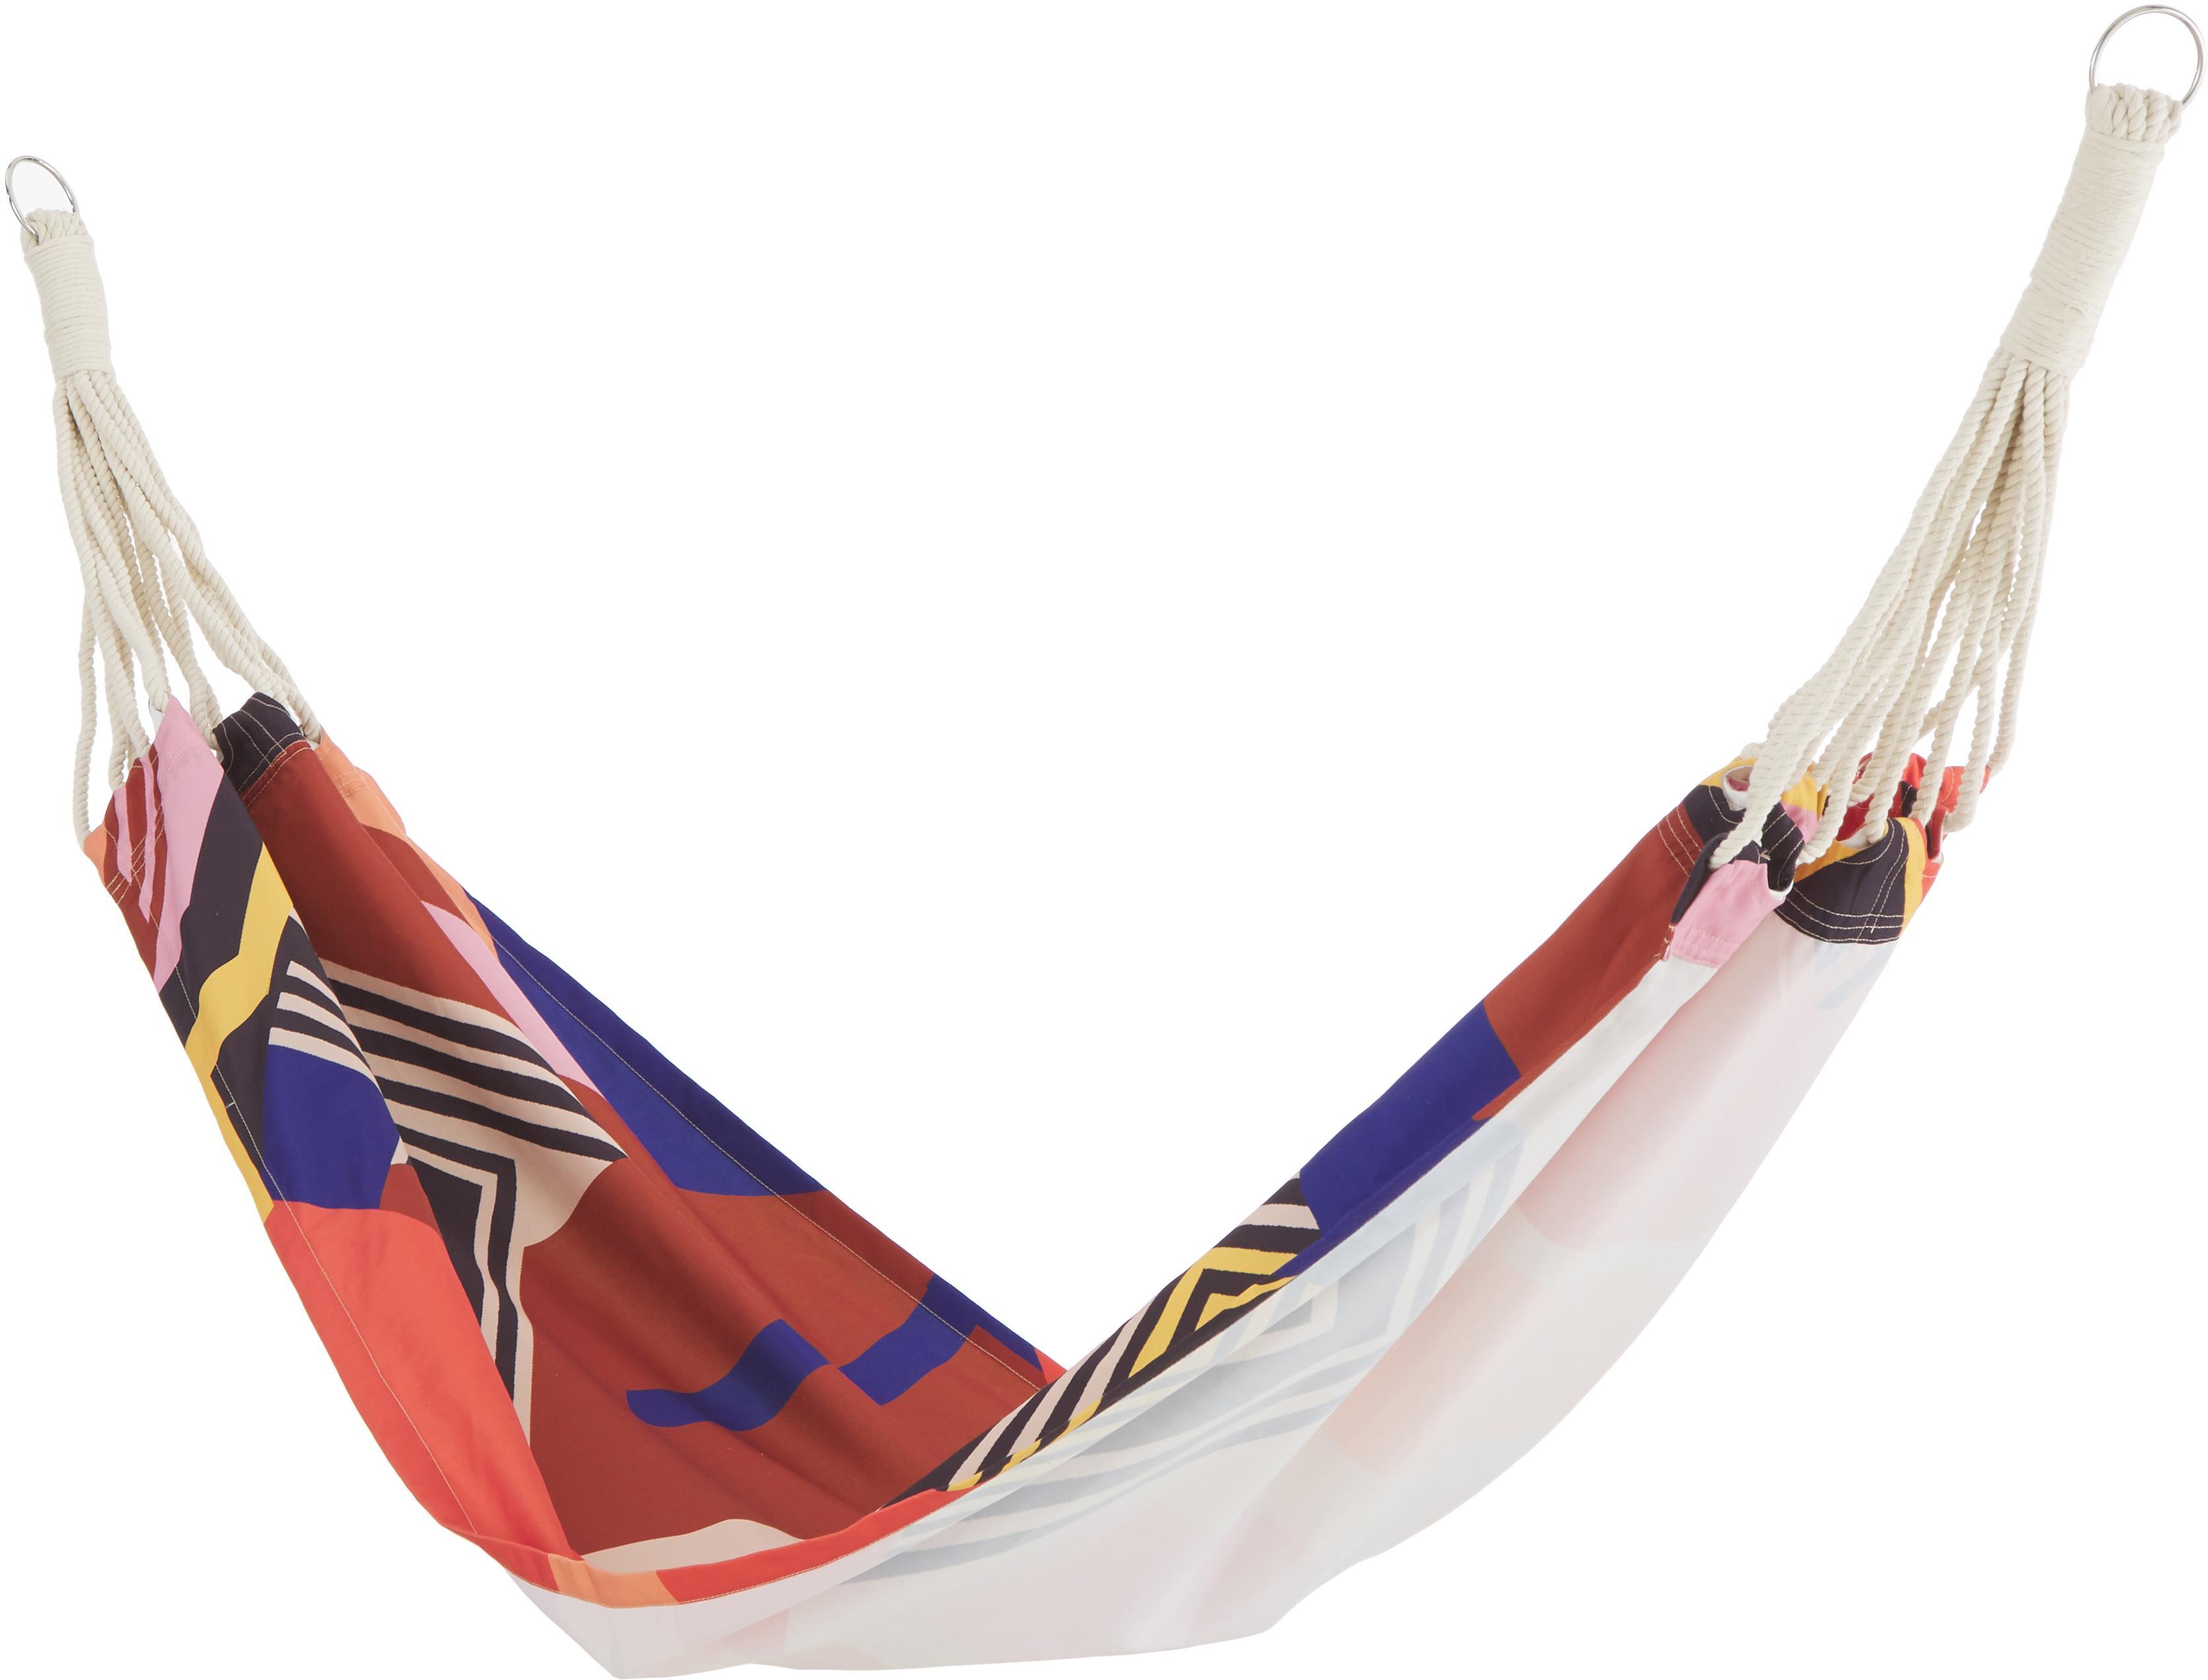 Hängematte Arti, Polyester, Rot, Blau, Schwarz, Rosa, Gelb, B 80 x L 180